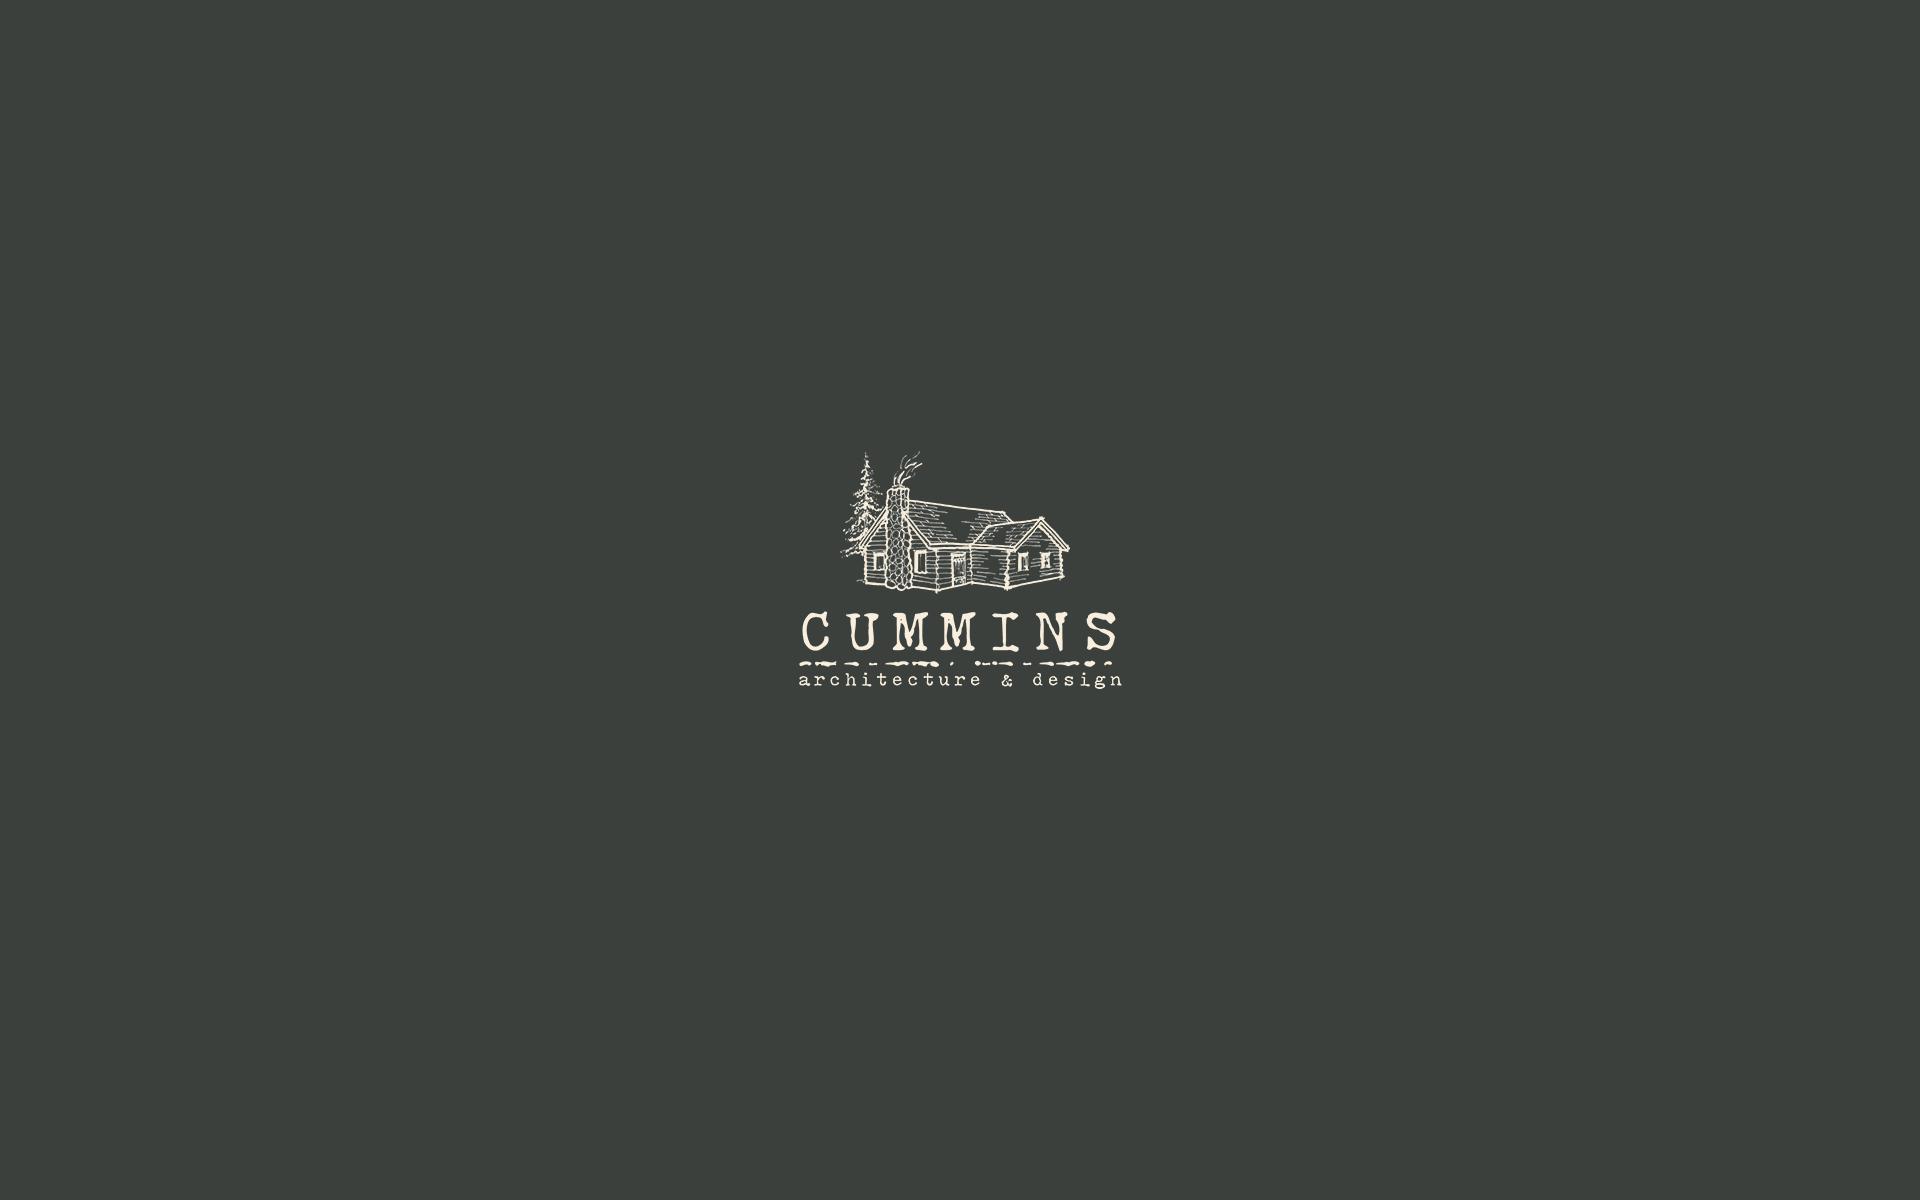 Cummins Wallpaper copy 3.png